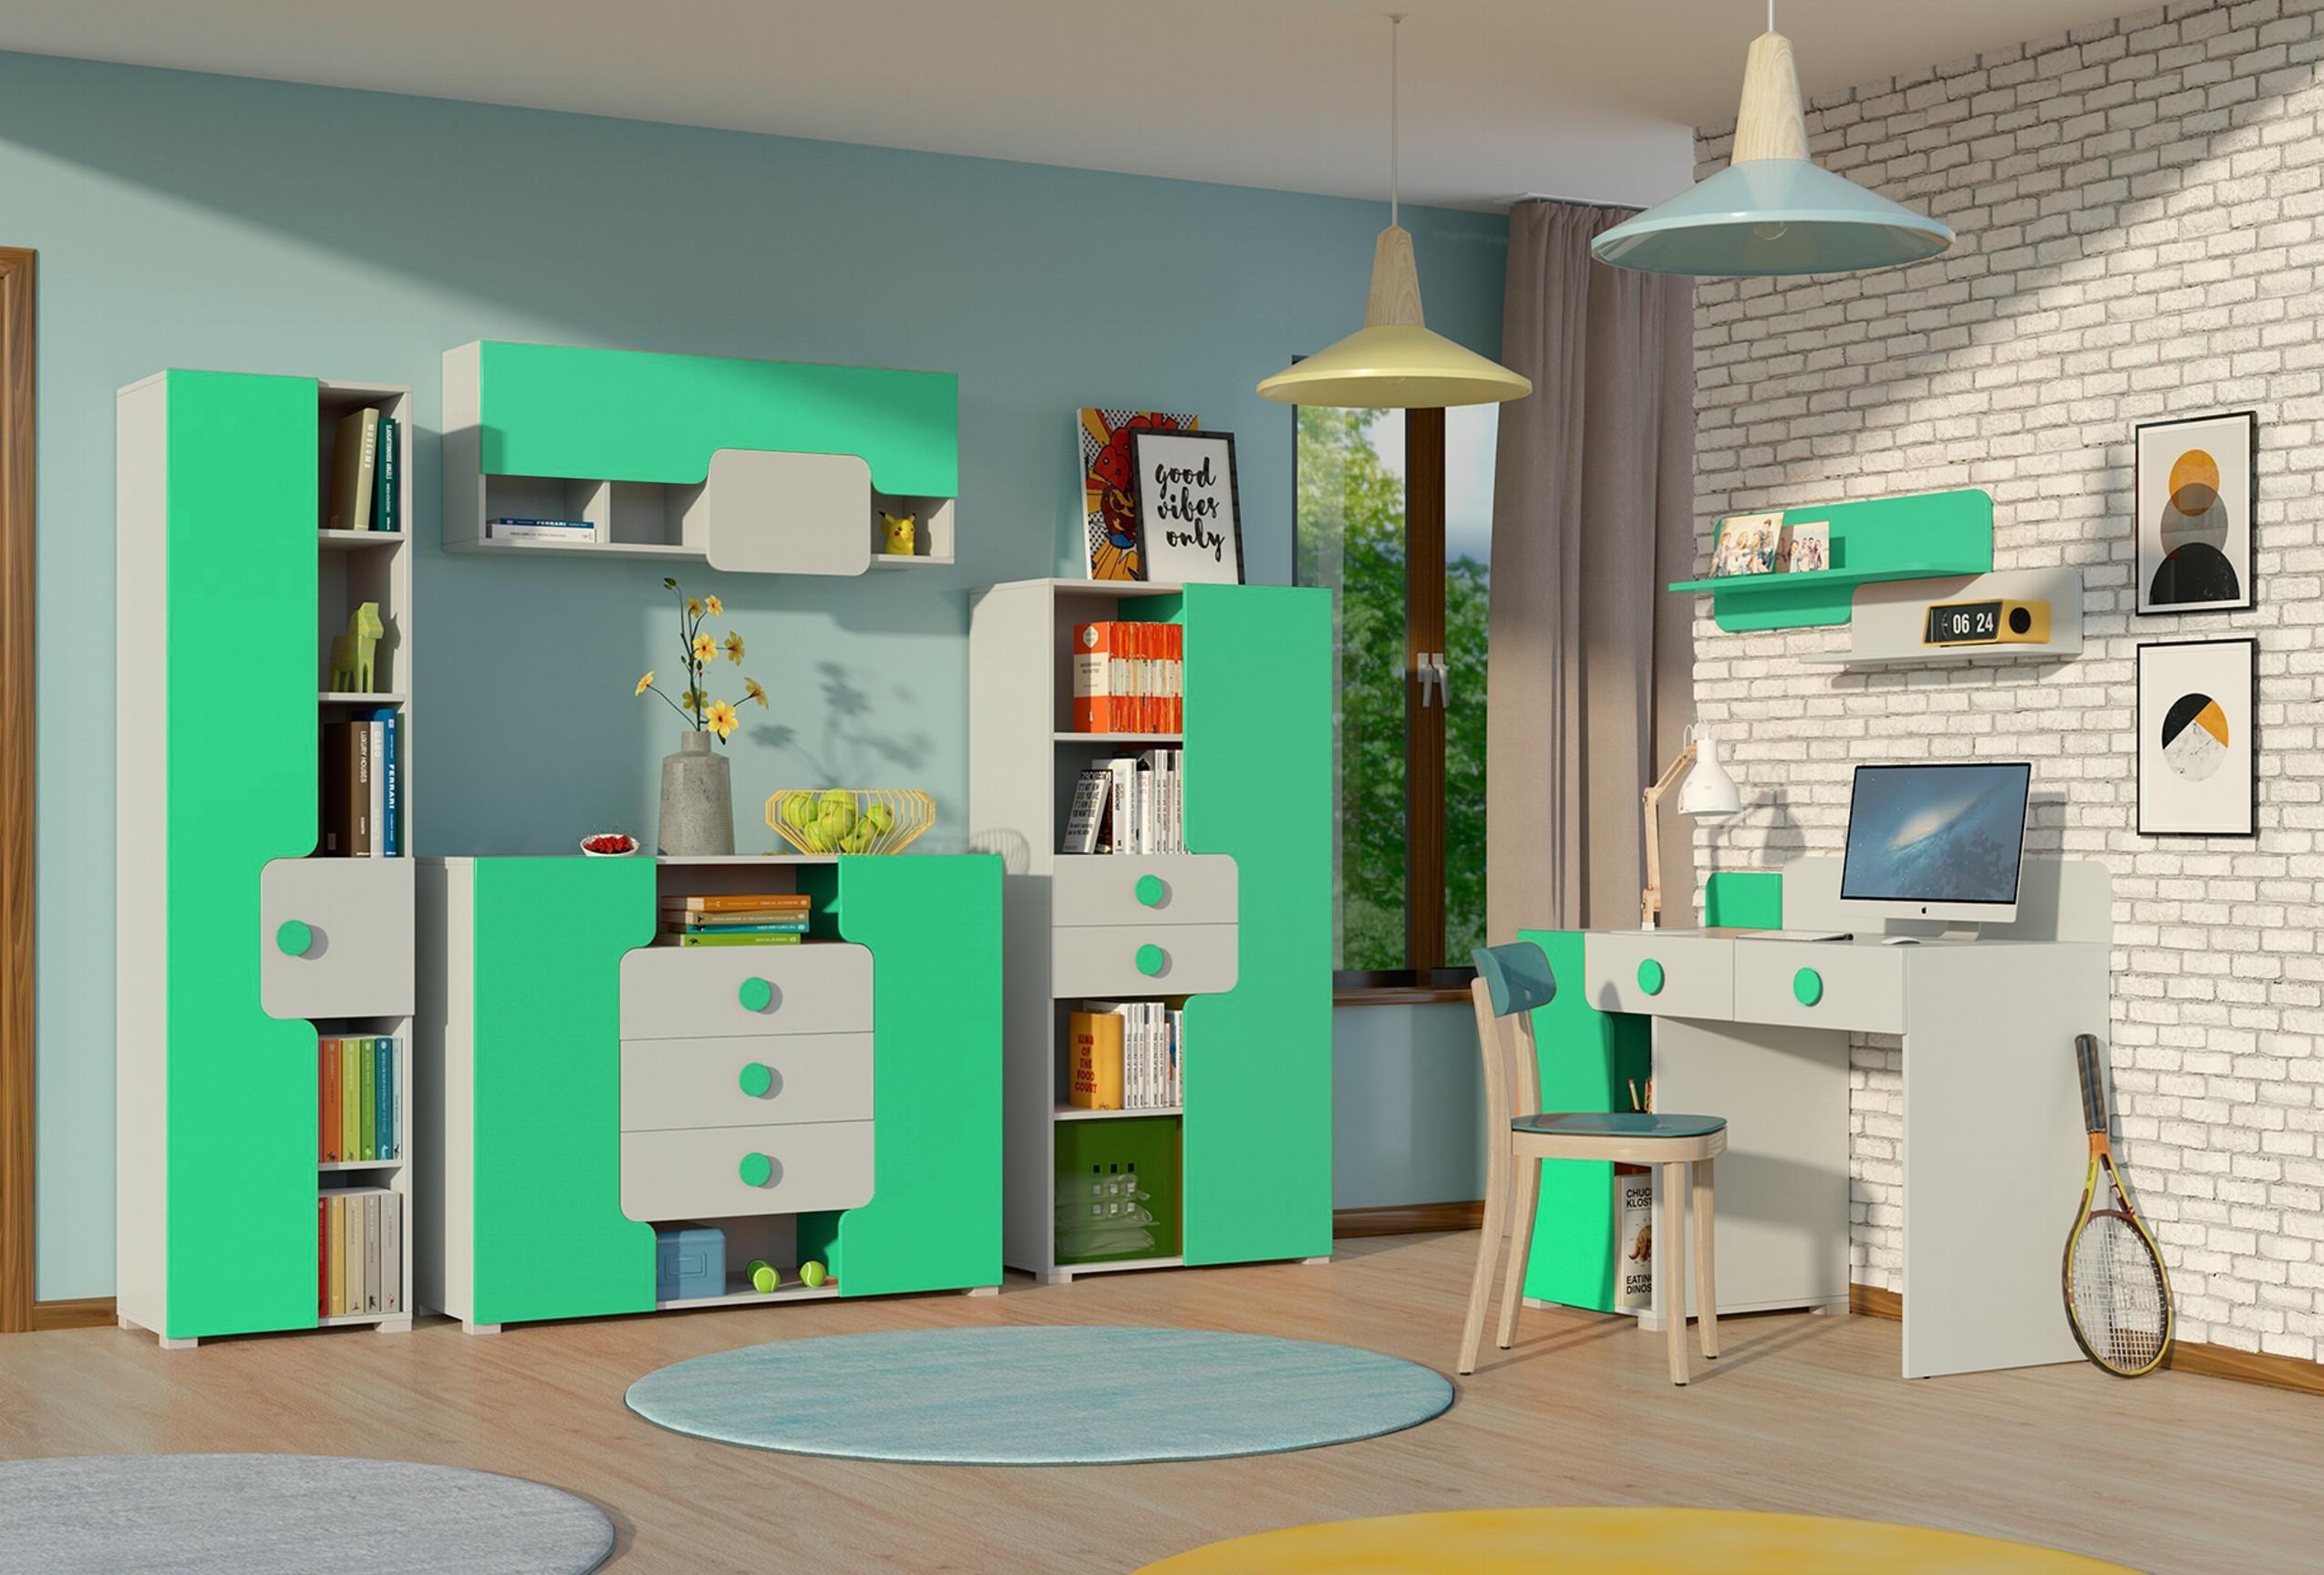 Full Size of Nobilia Eckschrank Ikea Kche Oben 60x60 Schwenkauszug Einbaukche Schlafzimmer Küche Bad Einbauküche Wohnzimmer Nobilia Eckschrank